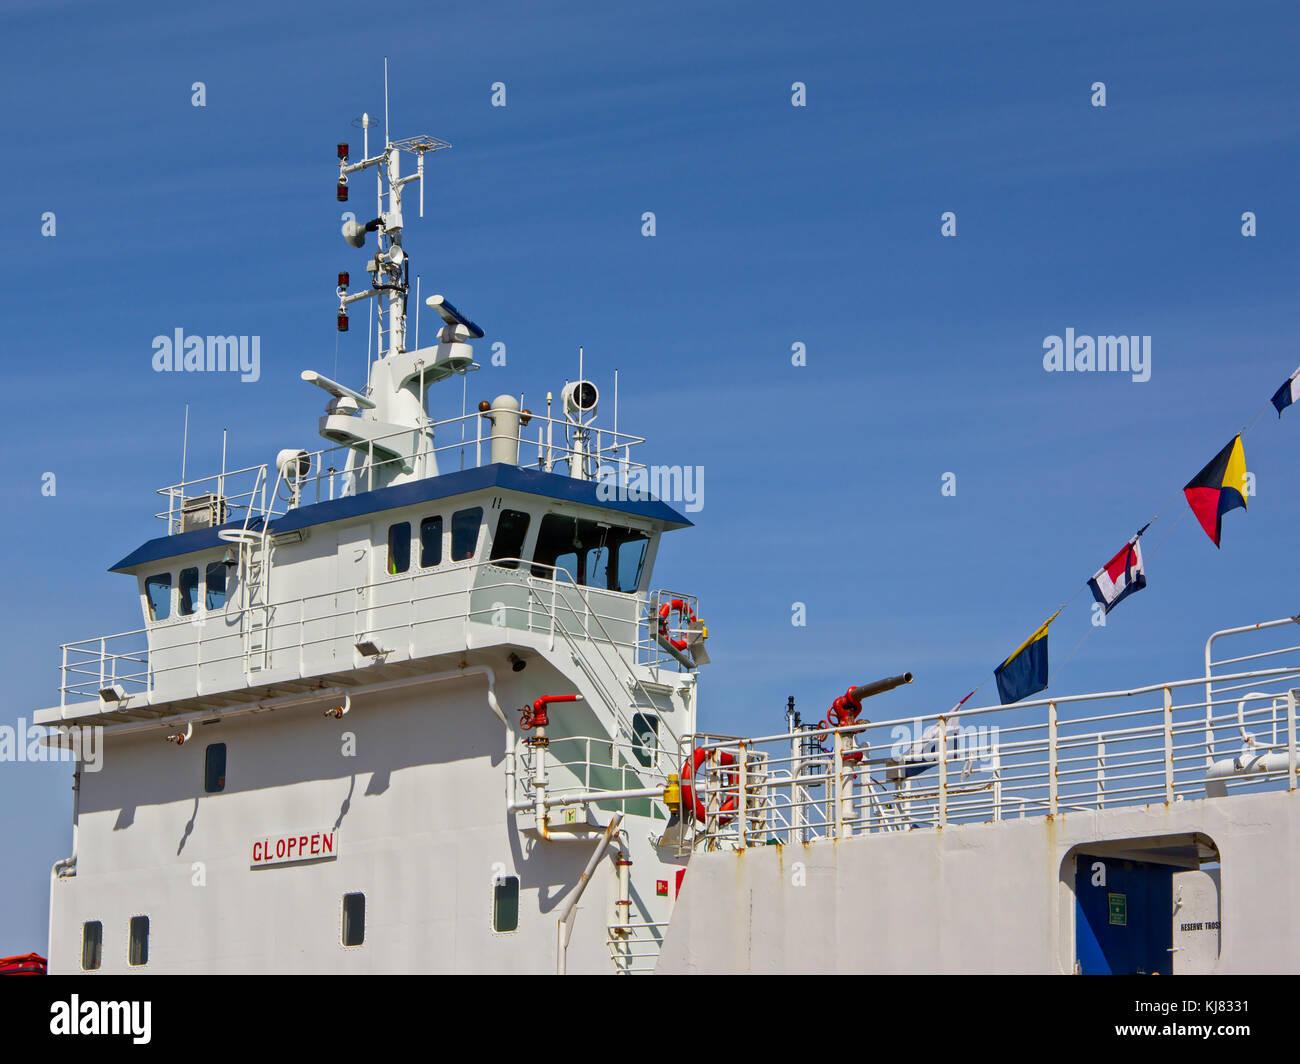 White painted captain`s cabin on a passenger ship, taken in Stavanger harbor, Norway - Stock Image